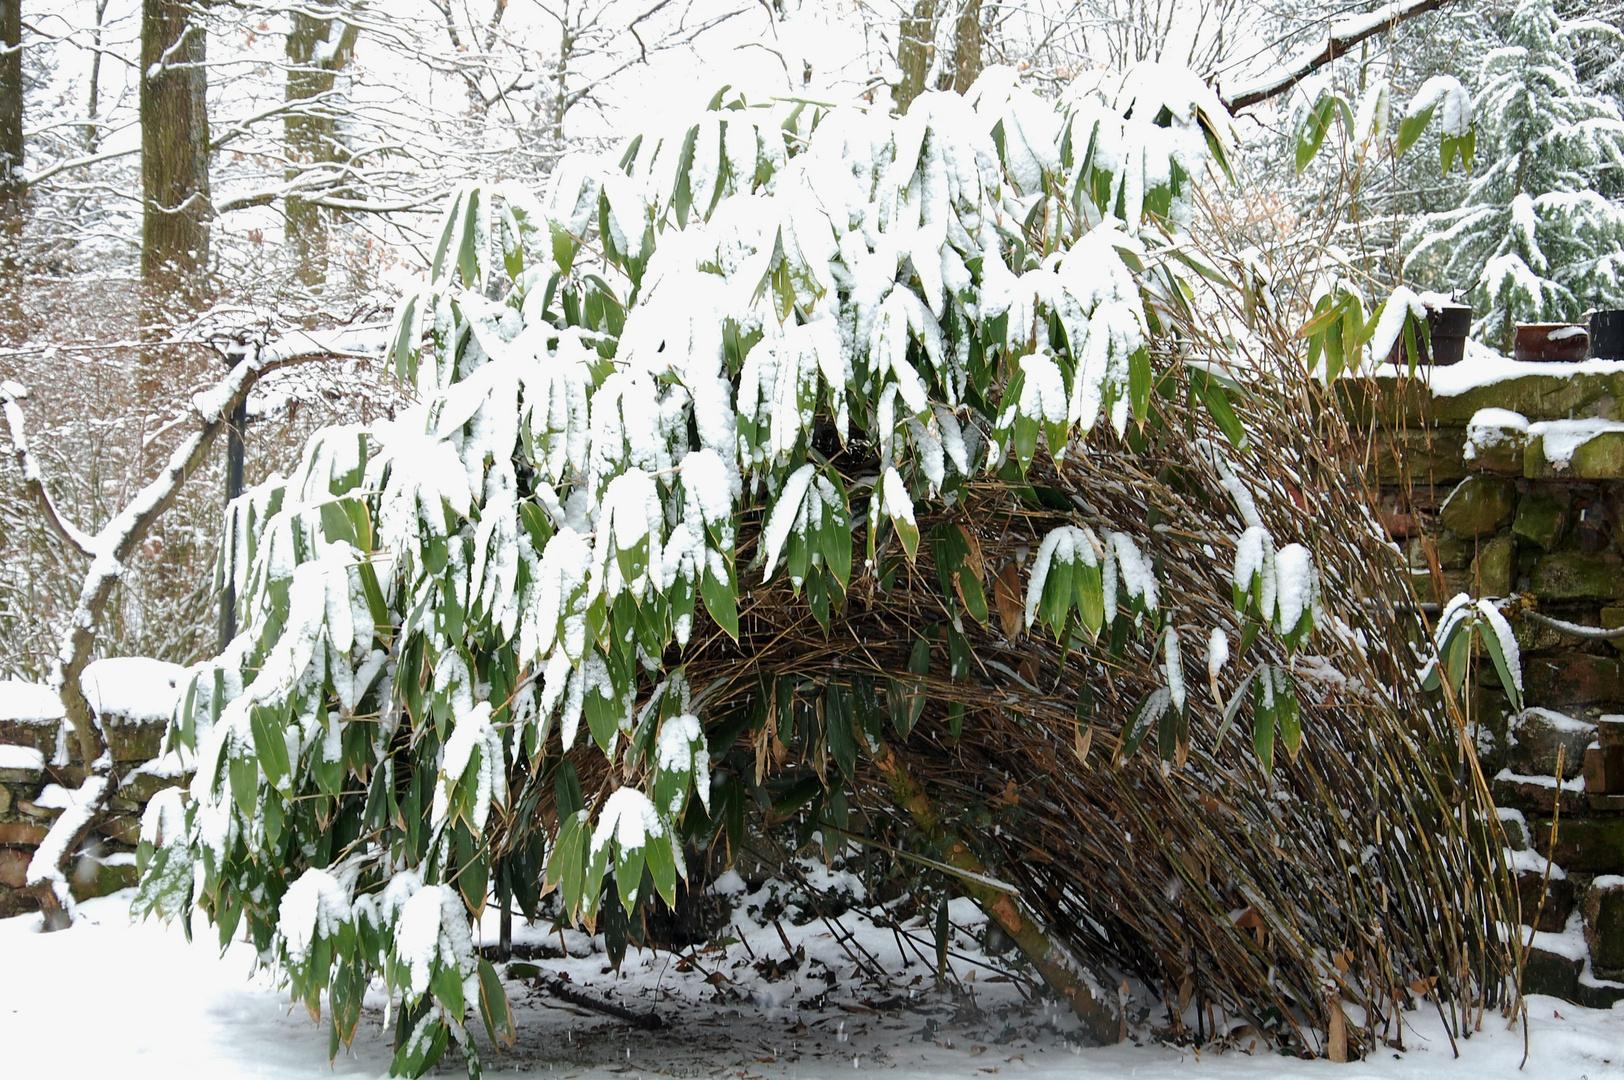 J'ai besoin de soutien. Je croule sous le poids de la neige.